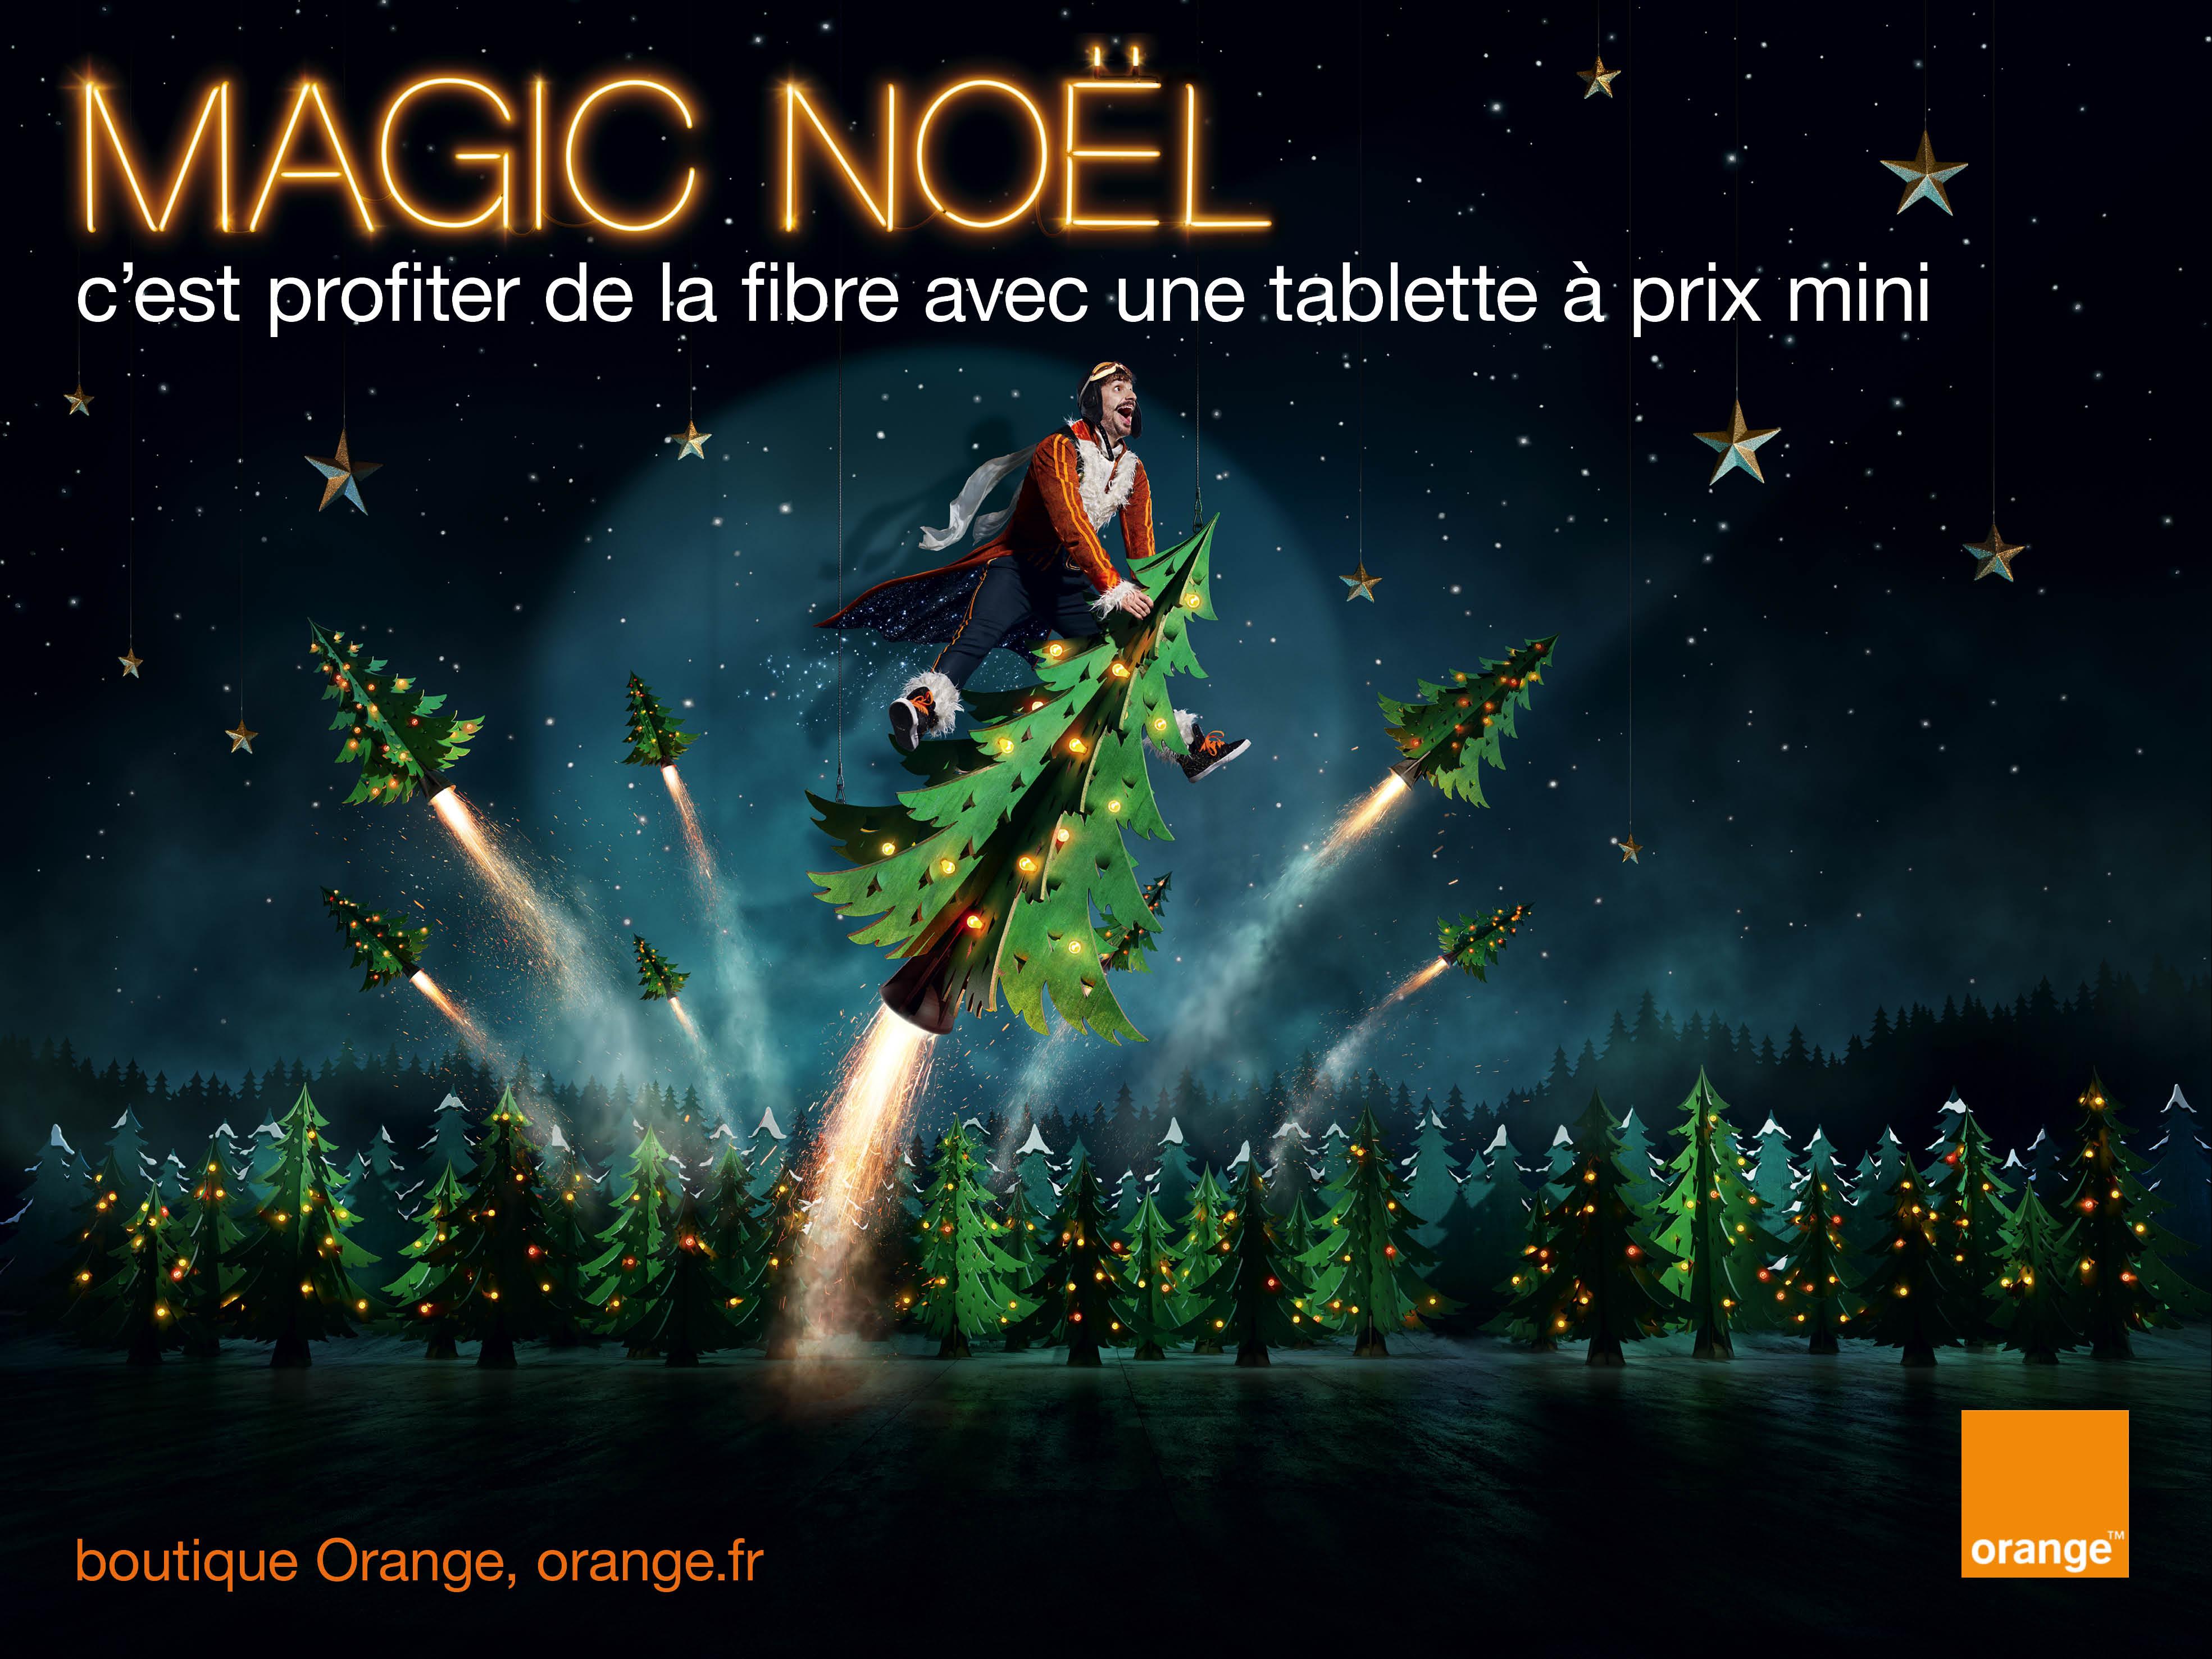 Le personnage m4Gic d'Orange va nous faire passer un Noël haut en couleur